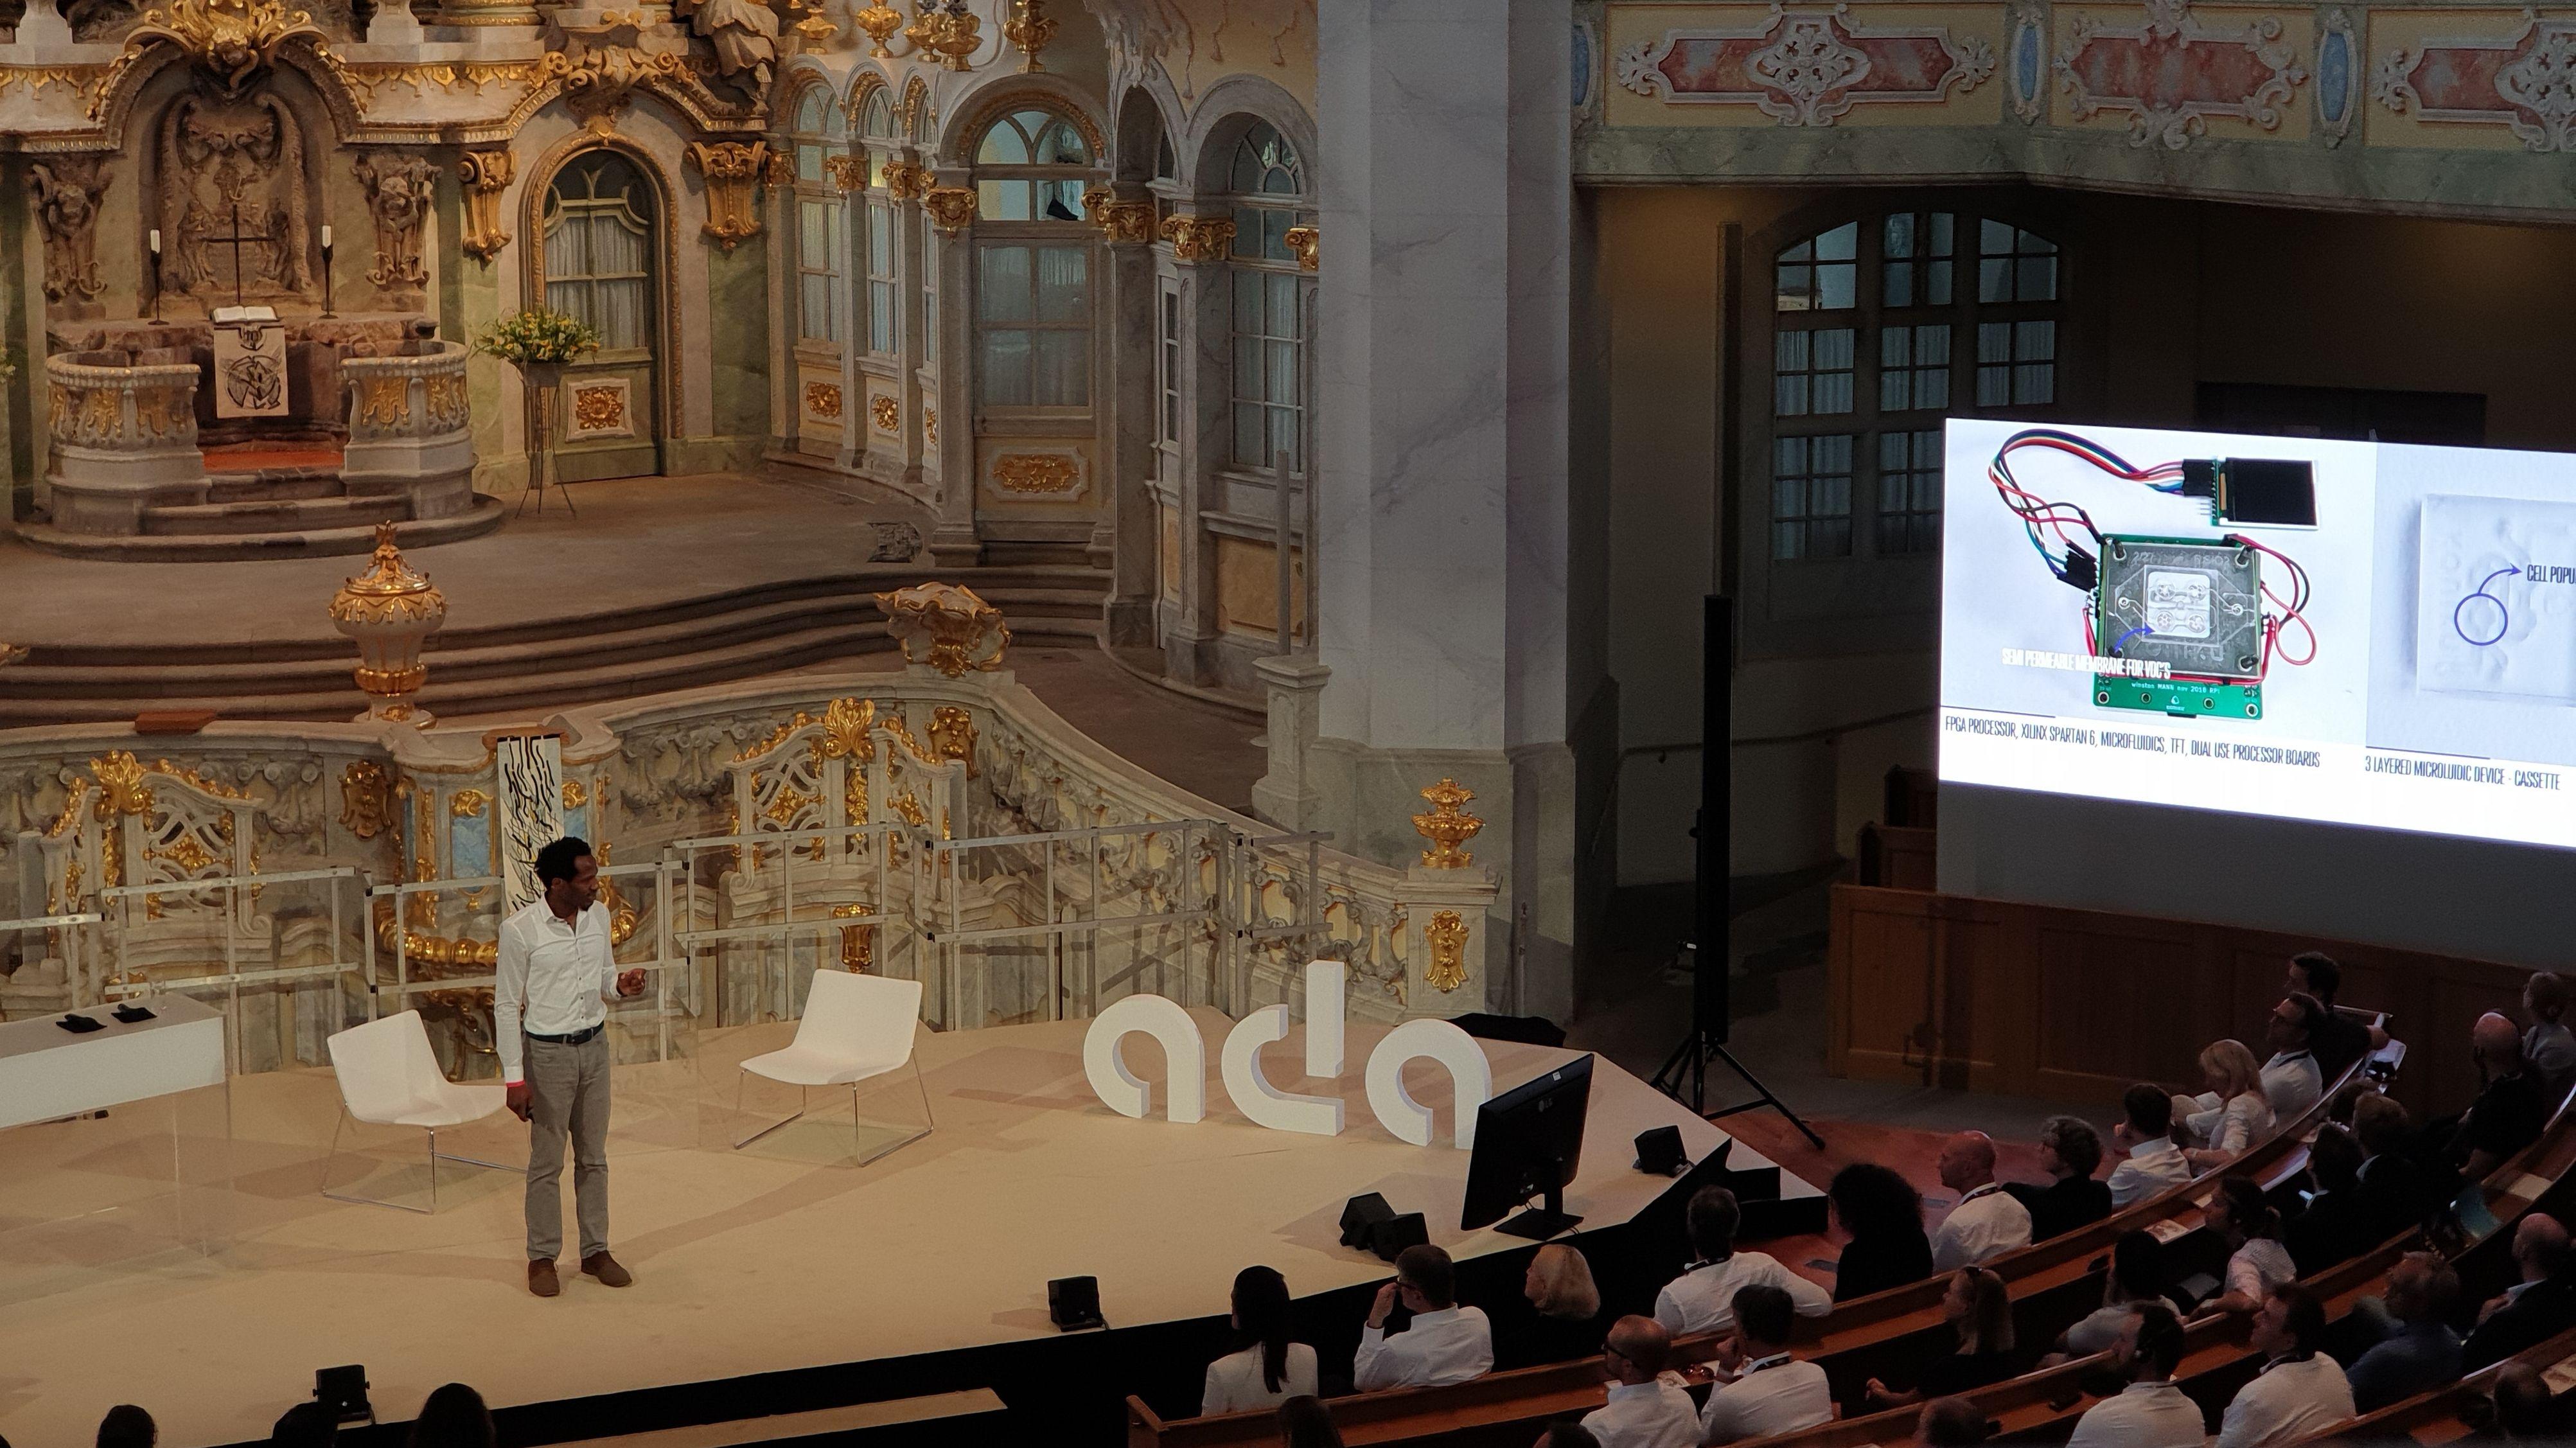 Neurowissenschaftler Osh Agabi bei seinem Vortrag in der Dresdner Frauenkirche